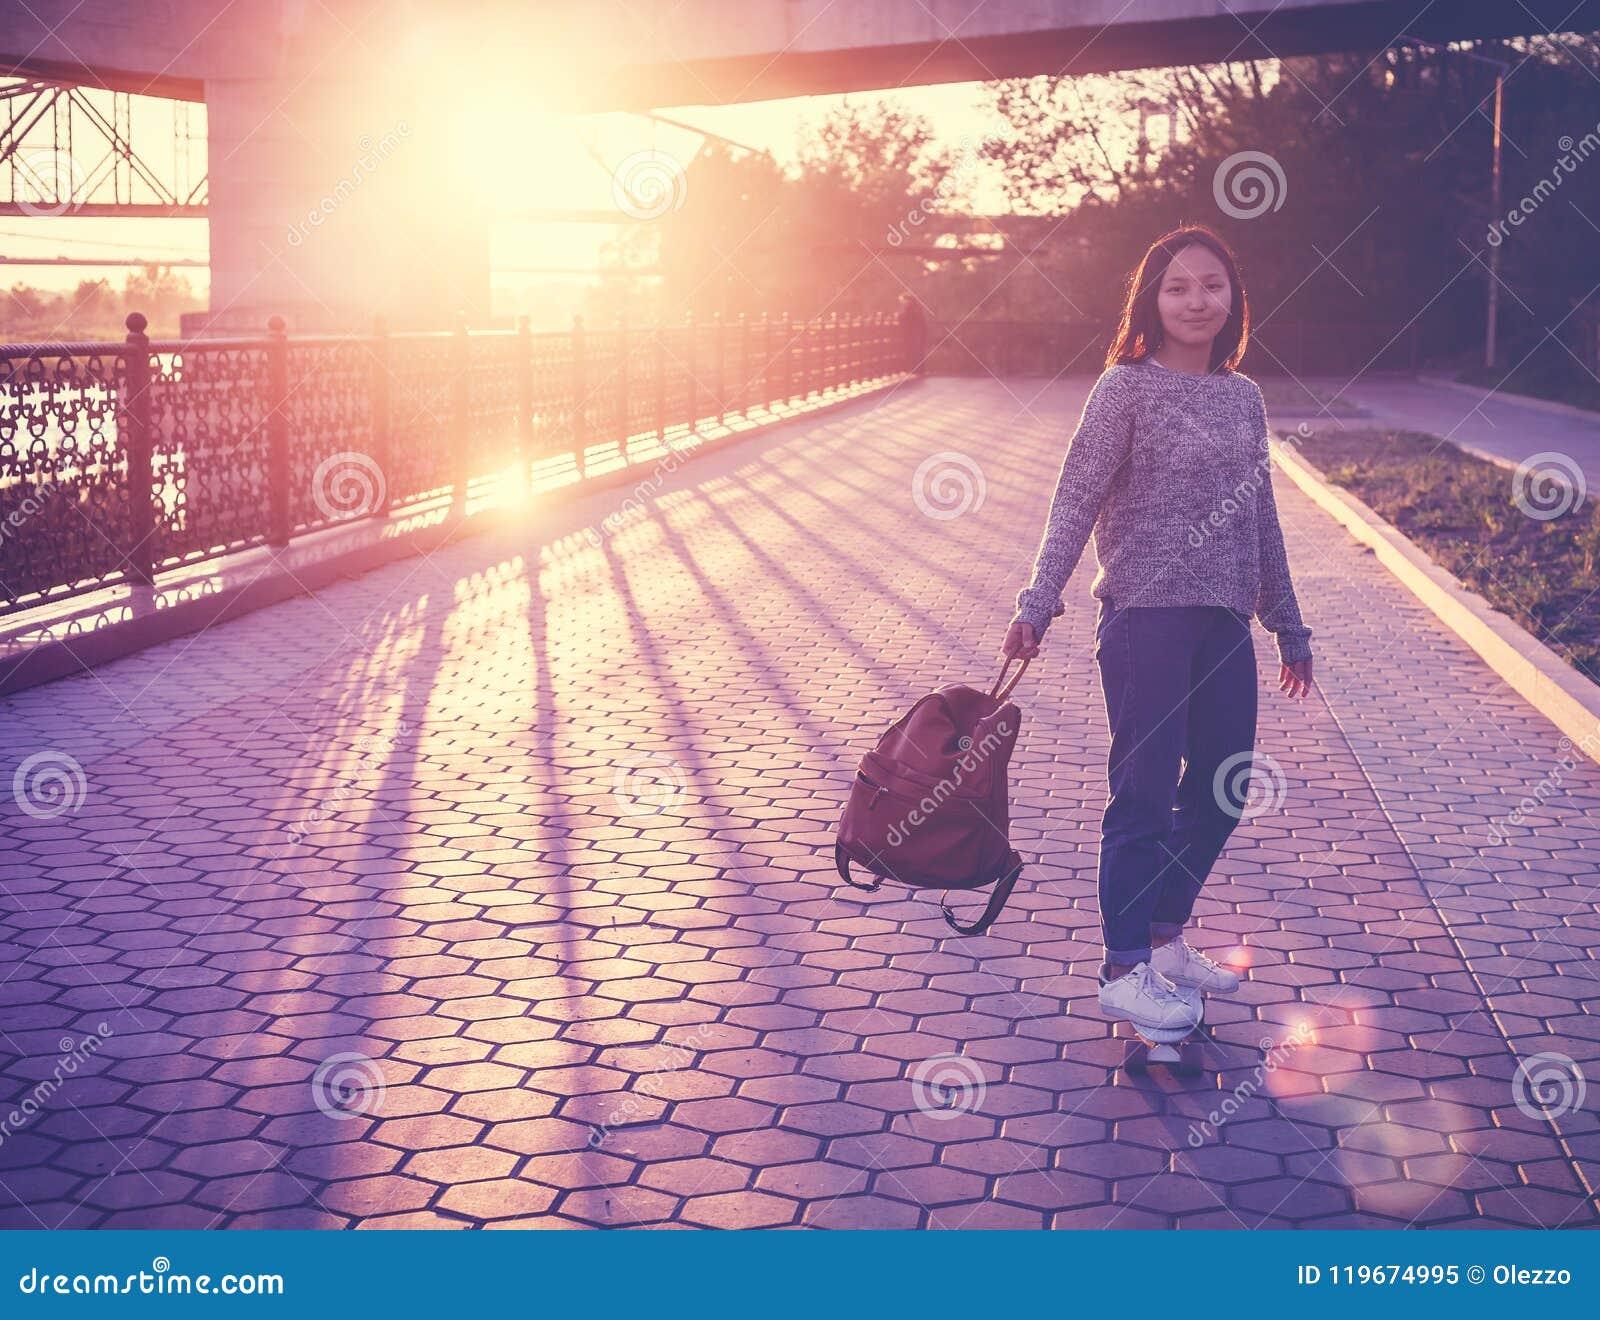 Belle fille asiatique de 15-16 années, adolescente millenial sur s